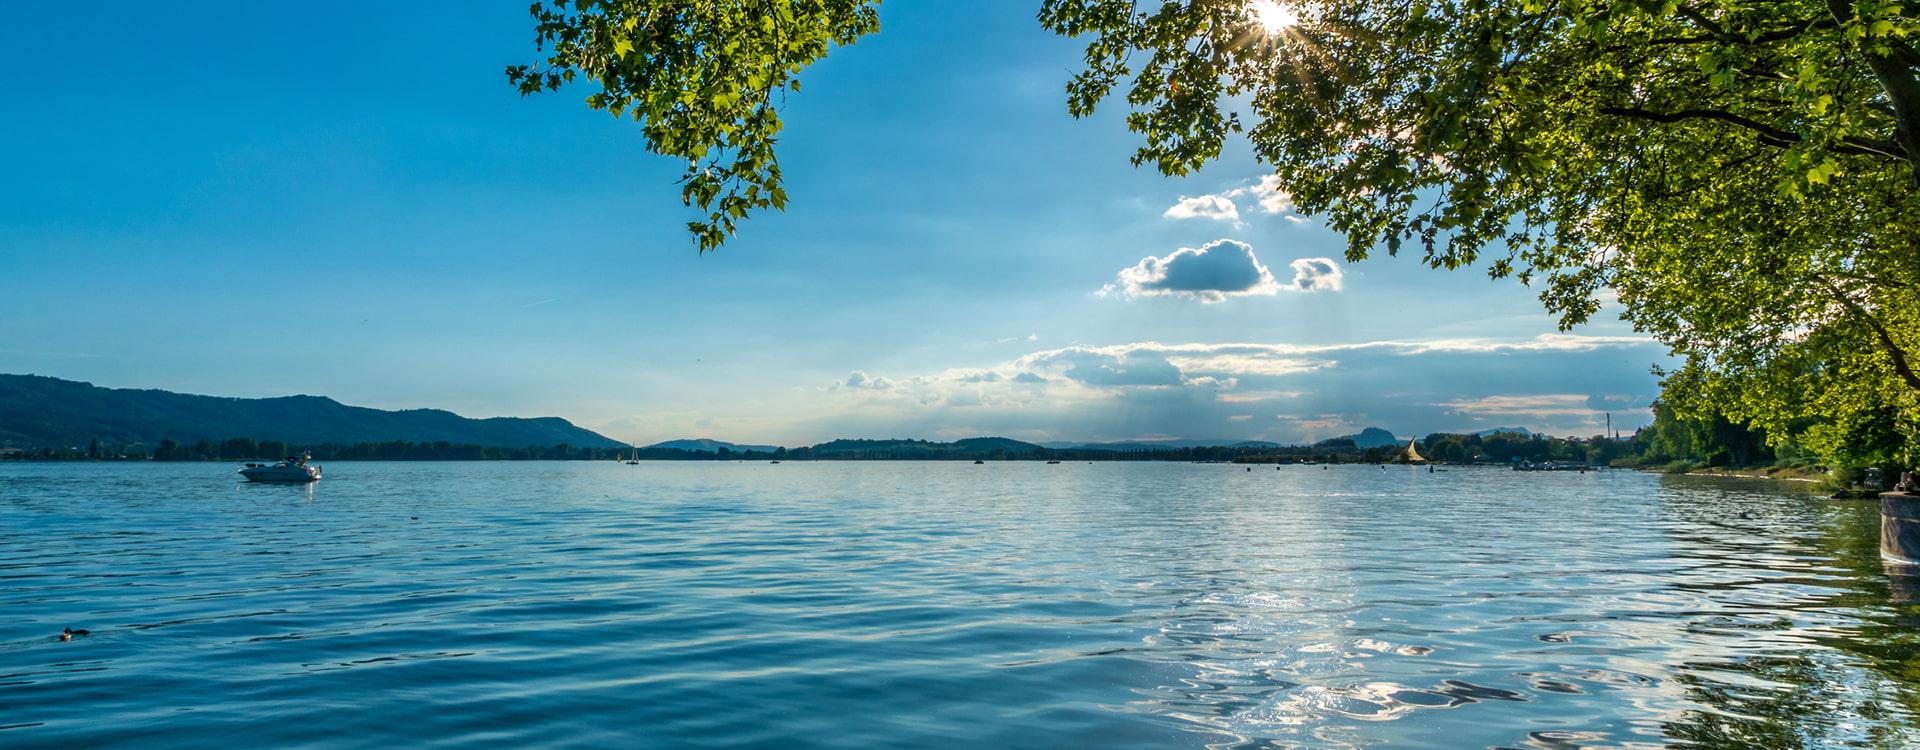 Wir helfen privaten Eigentümern  mit hochwertigen Immobilien am Bodensee  einen optimalen Verkaufspreis zu erzielen.